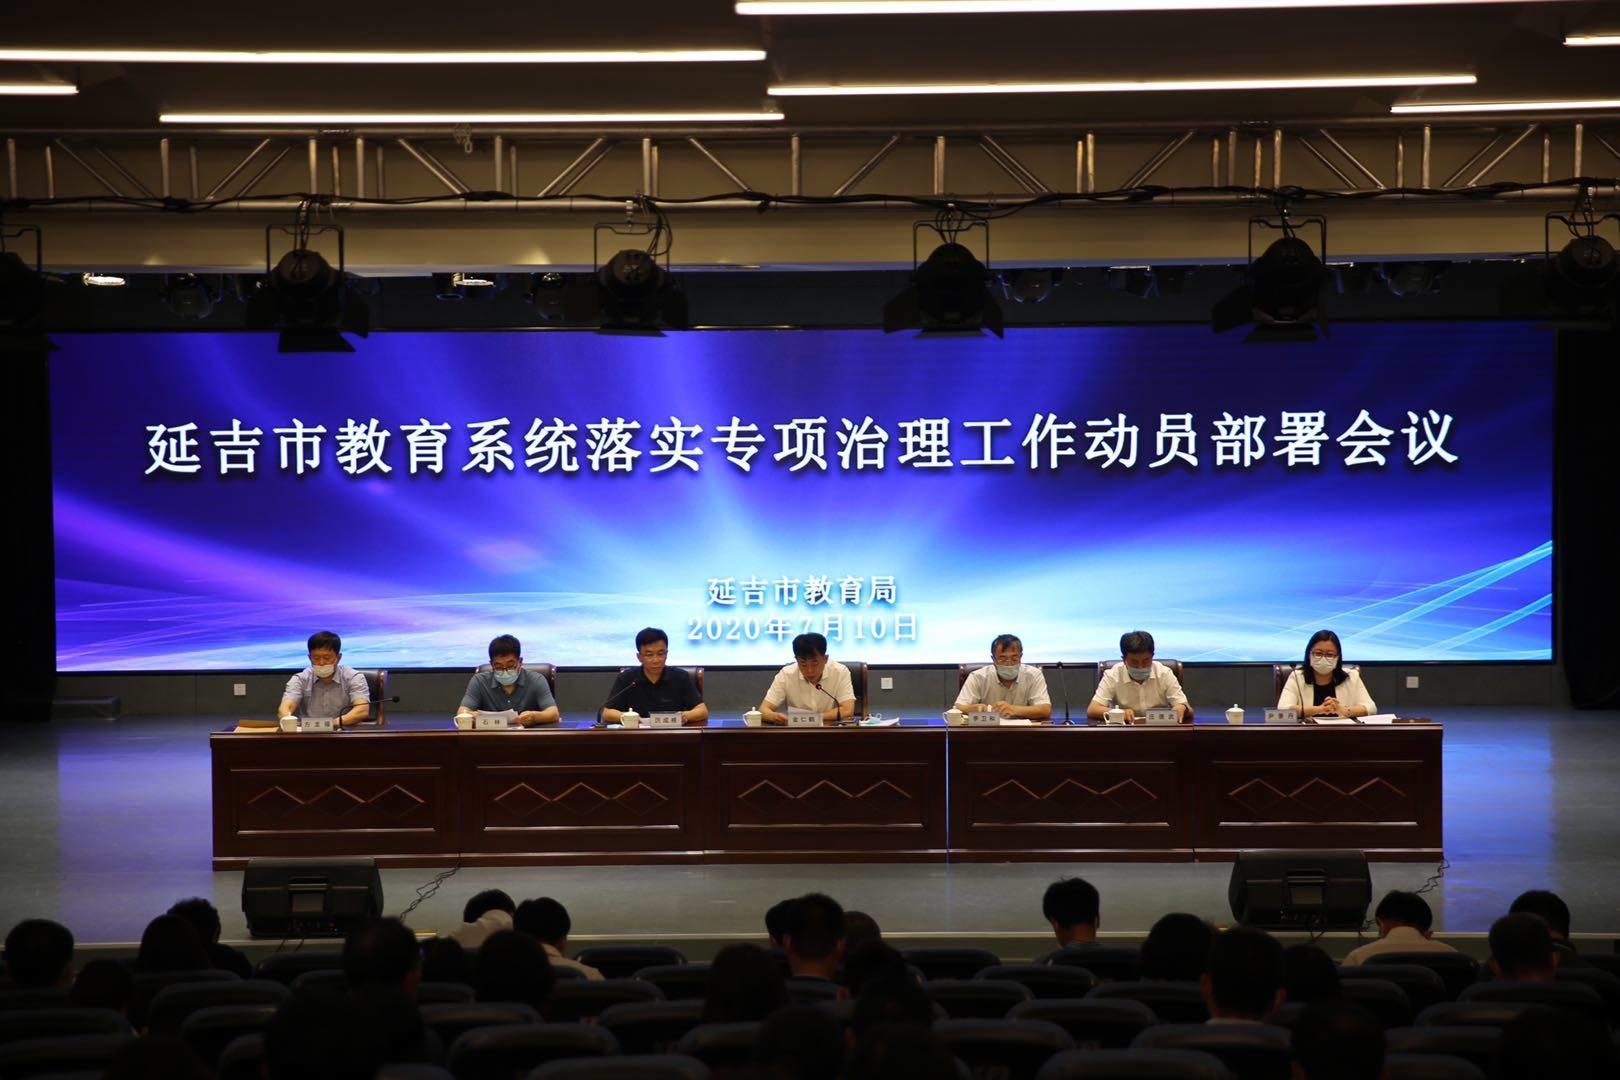 延吉市纪委监委:源头治理 整治教育领域不正之风